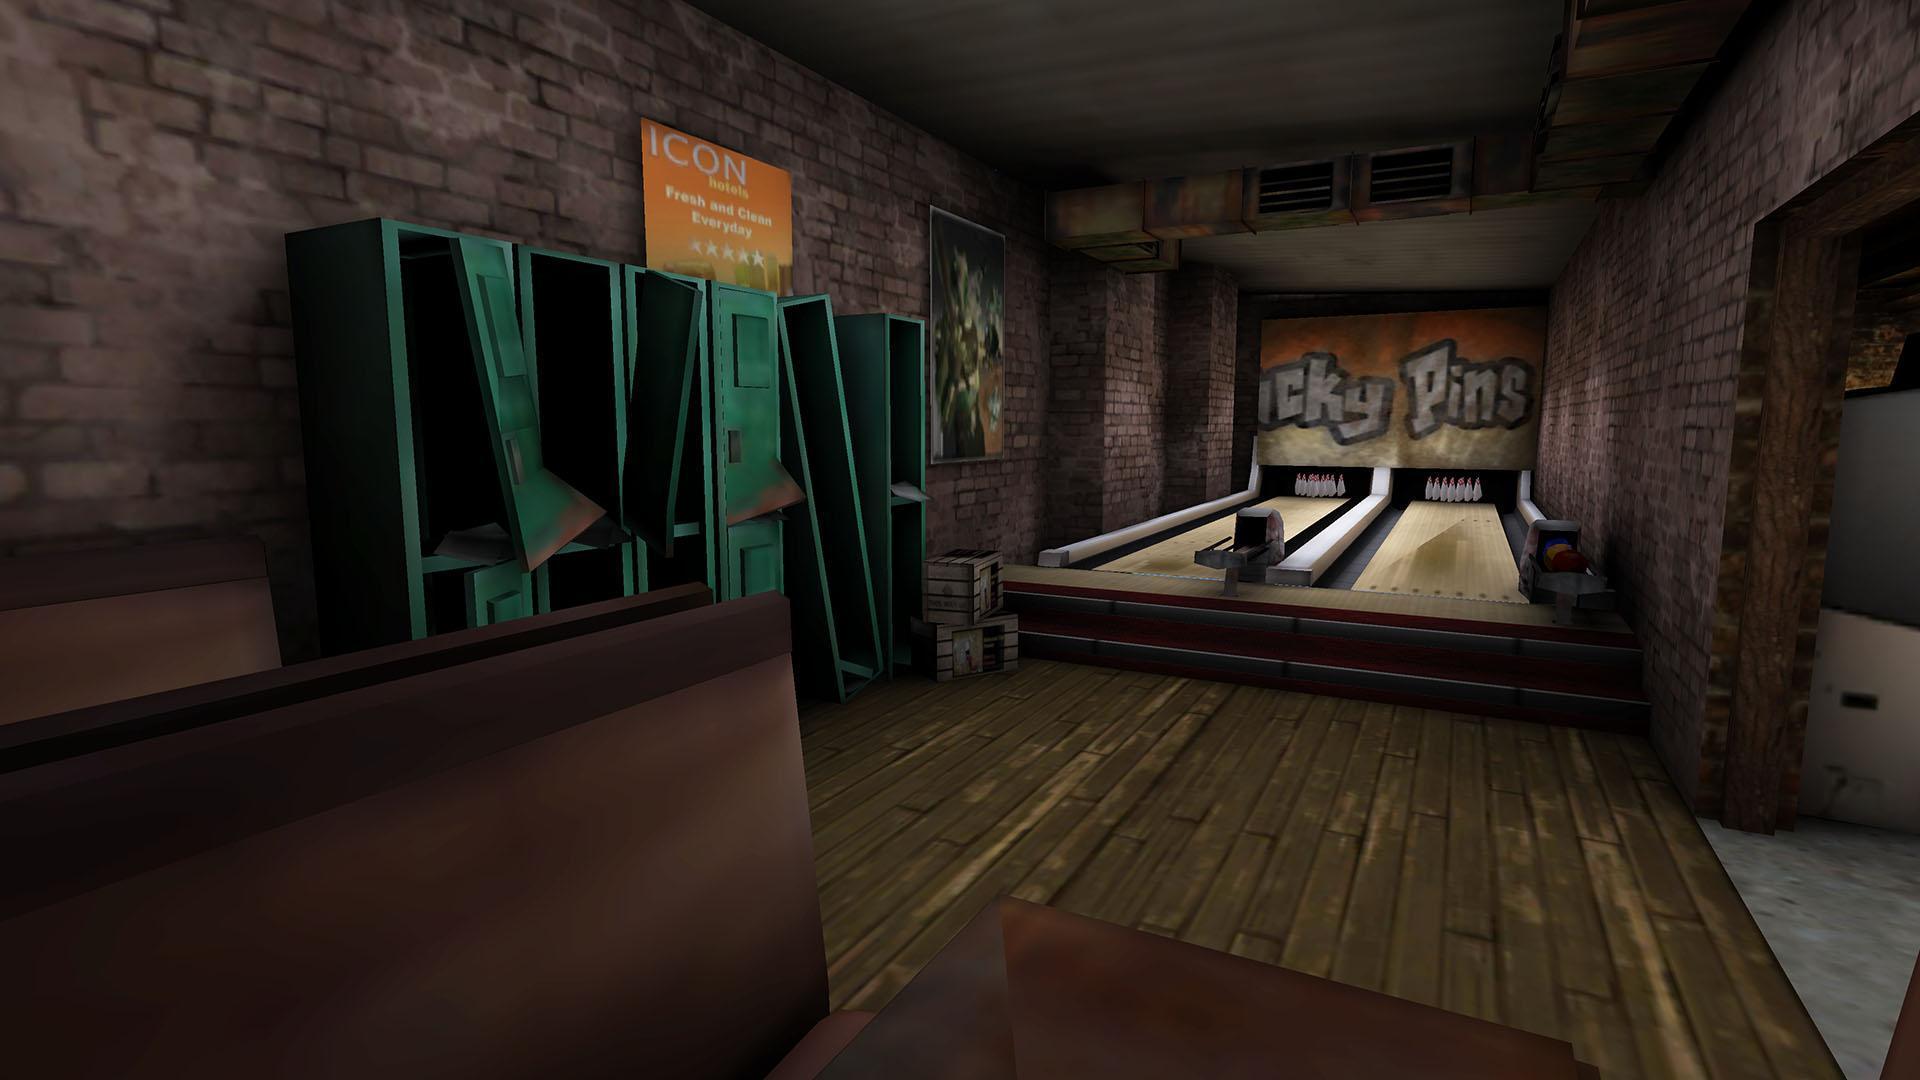 Dark Internet: ¡Juego de terror y supervivencia! 1.1.0 Screenshot 11